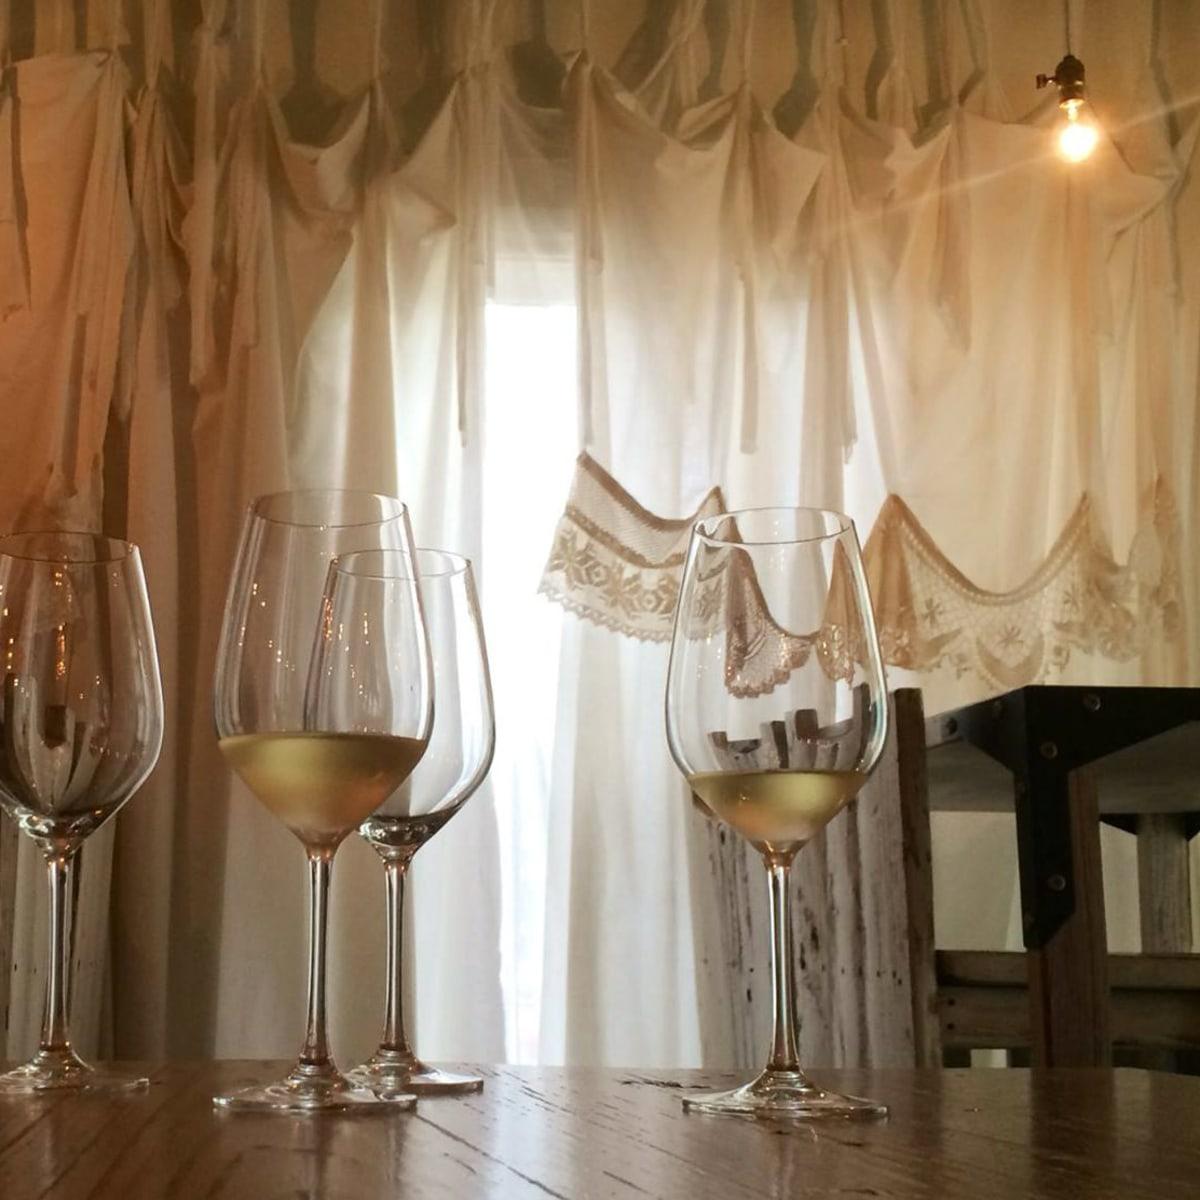 Lenoir Wine glases